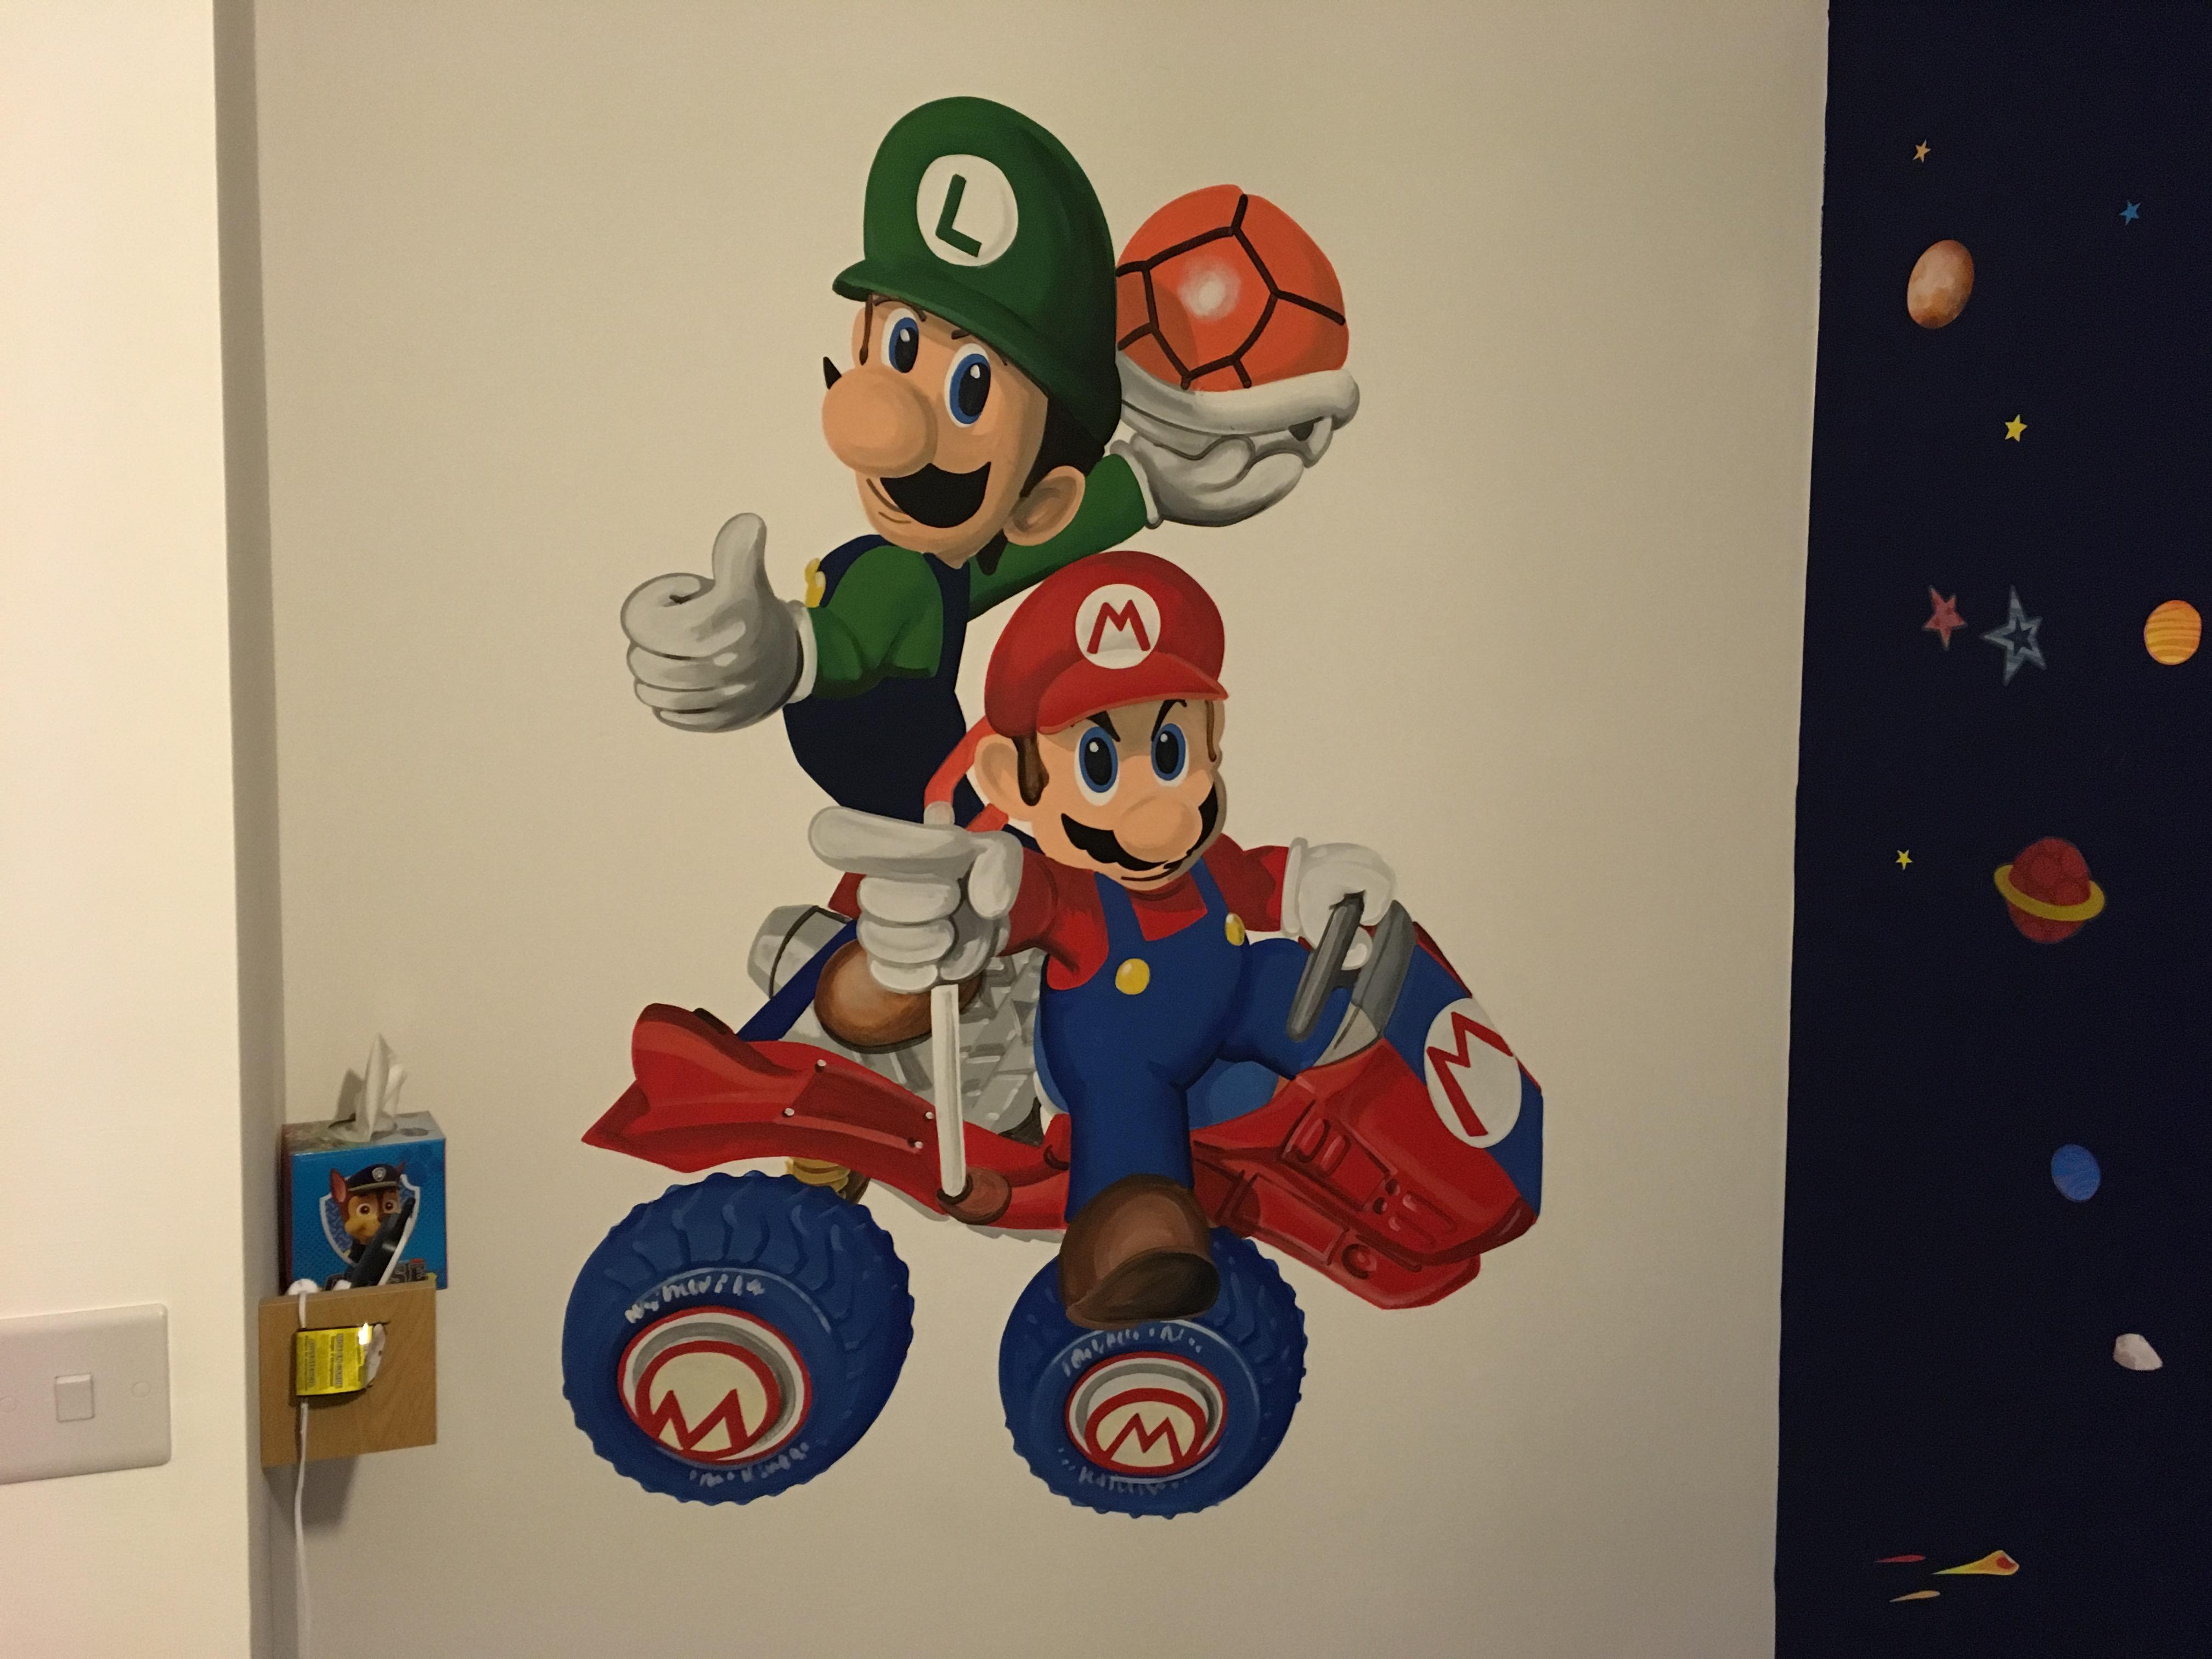 Mario & Luigi Mural